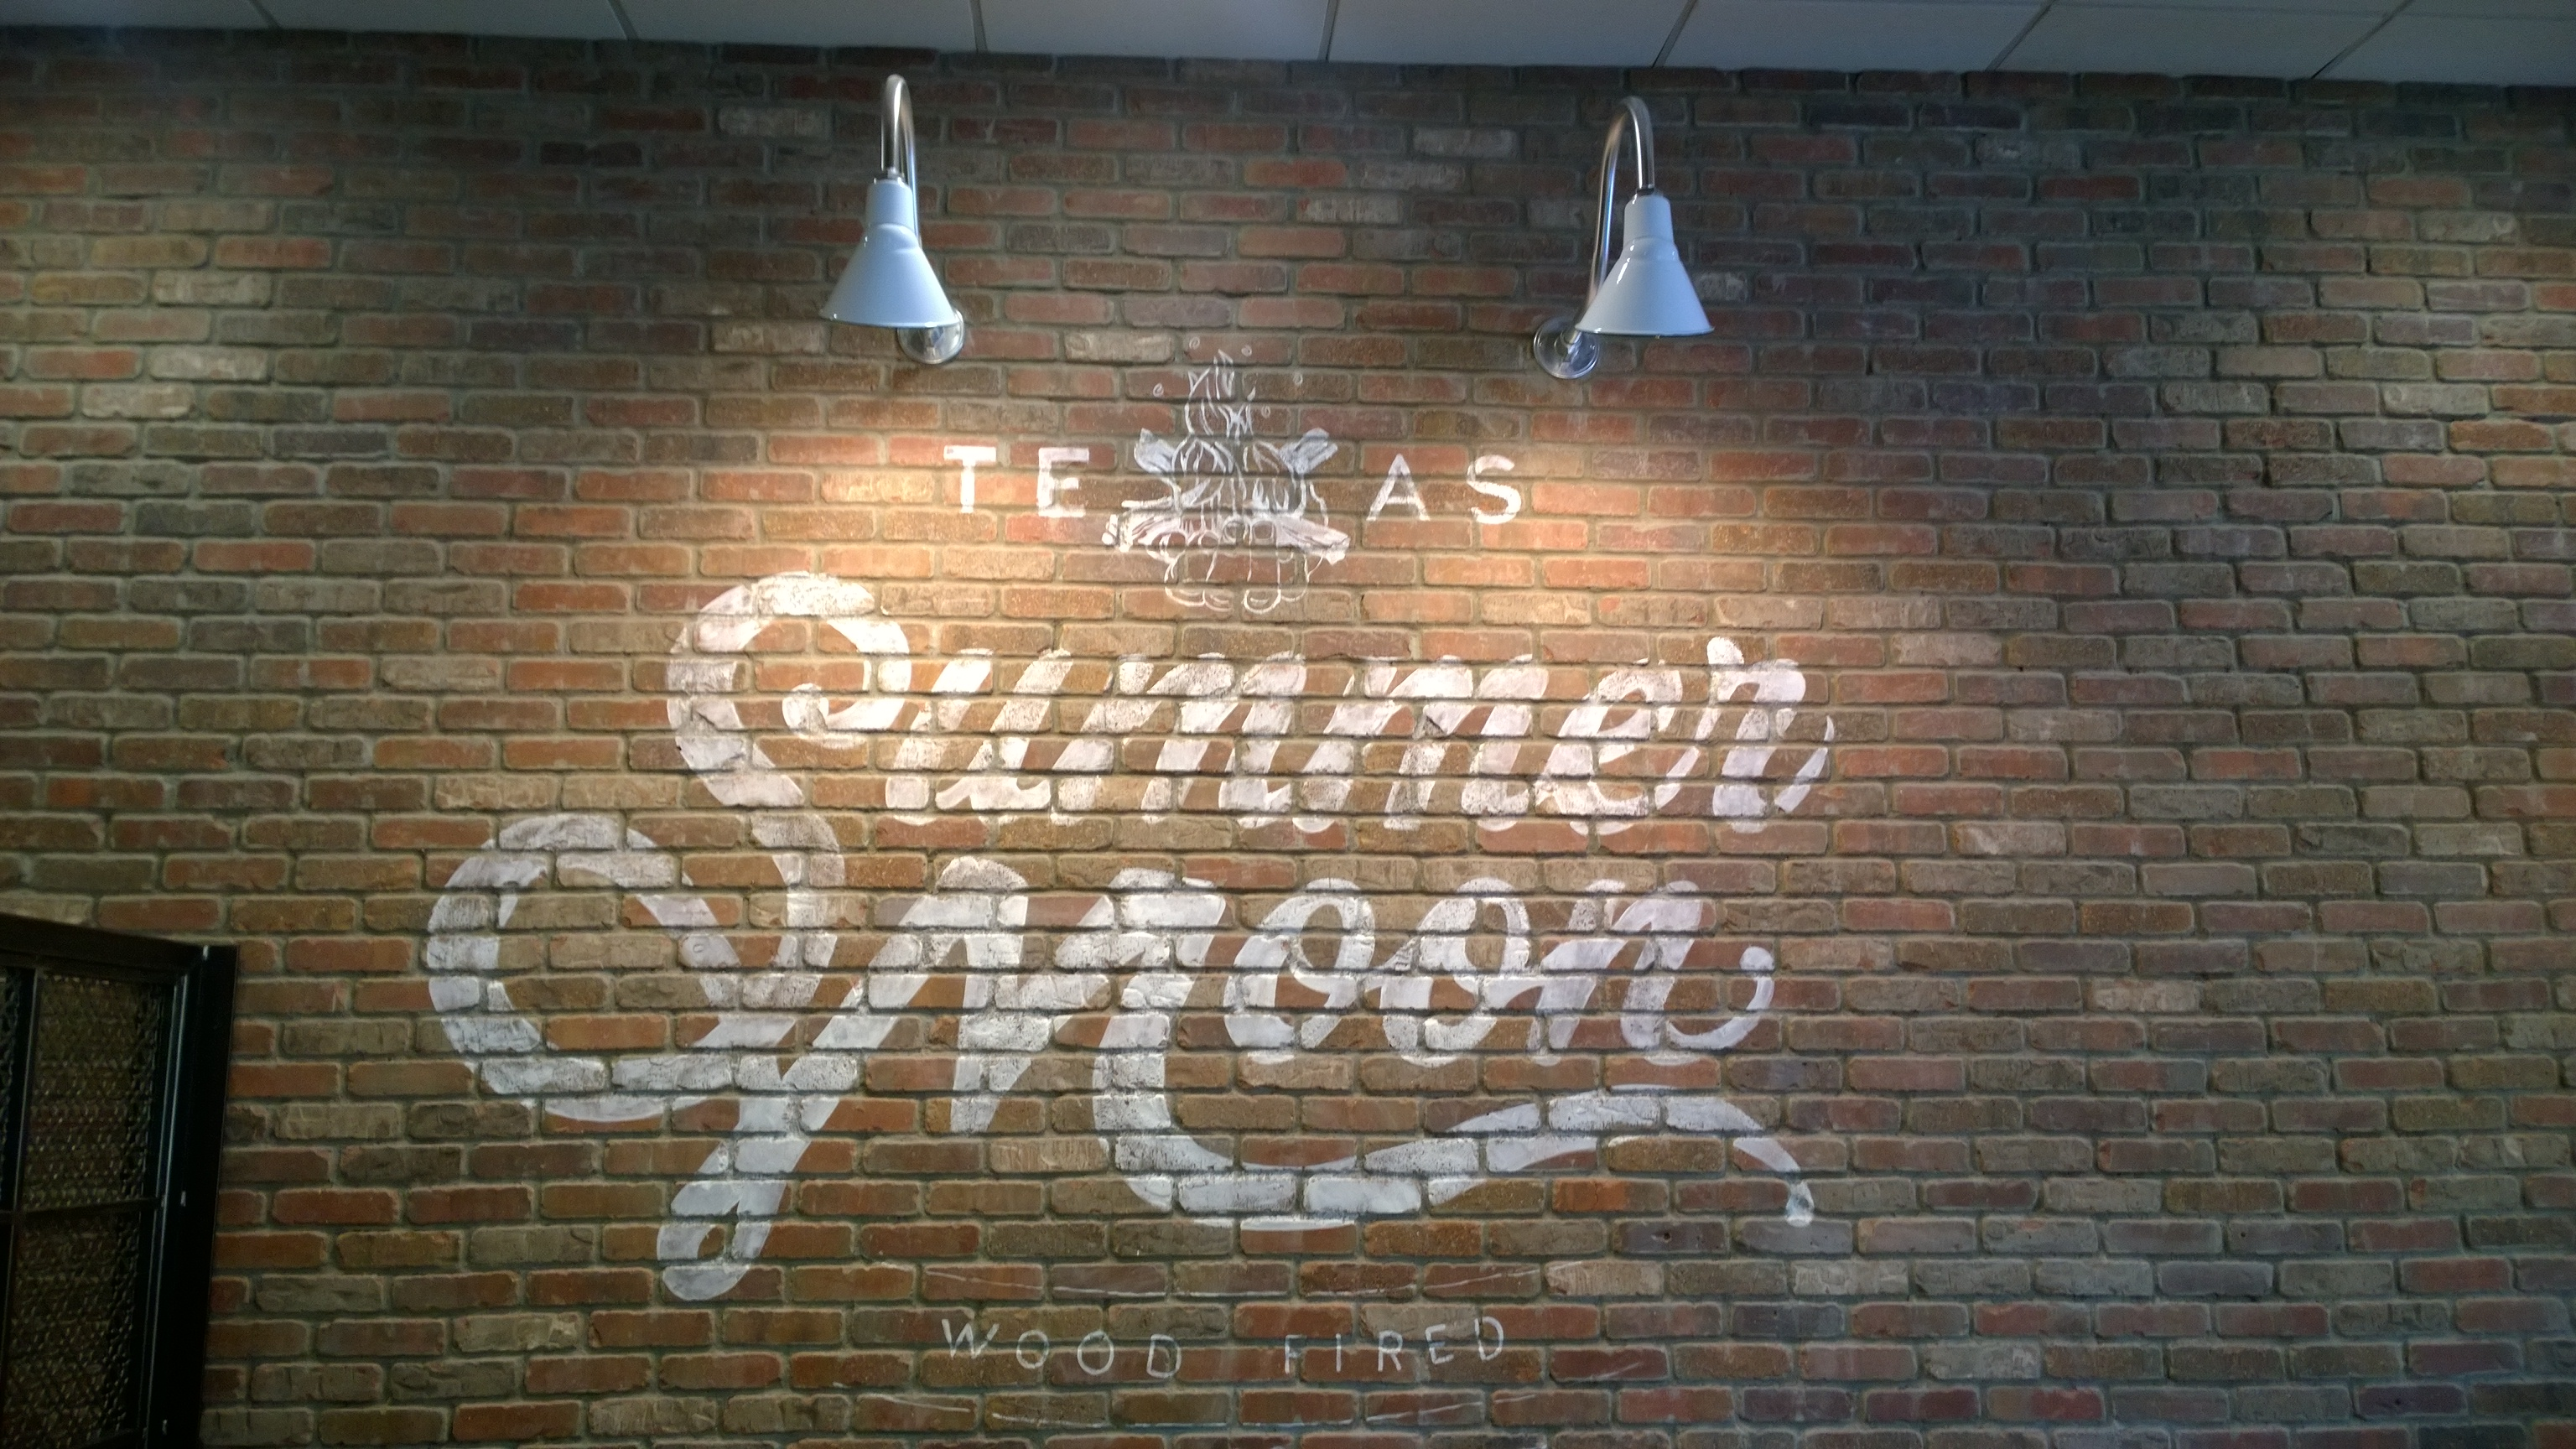 Summer Moon on 620 Sign on Brick